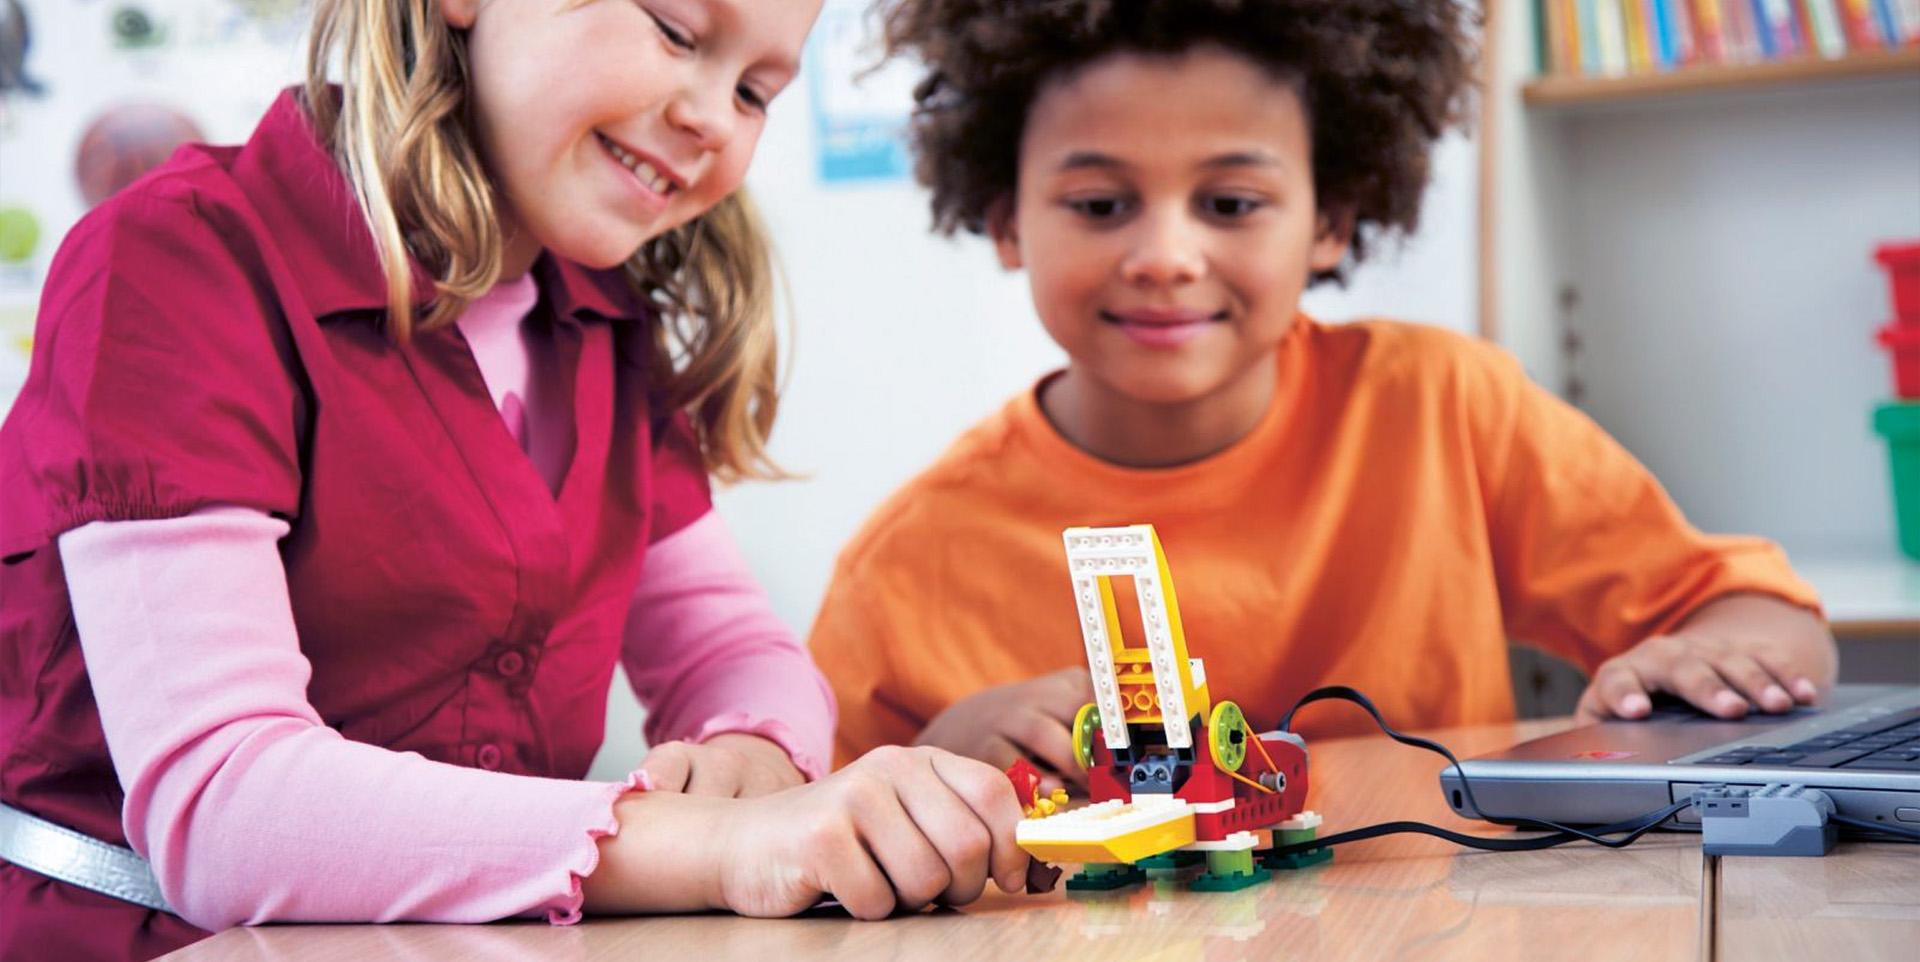 ילדים משחקים ברובוט